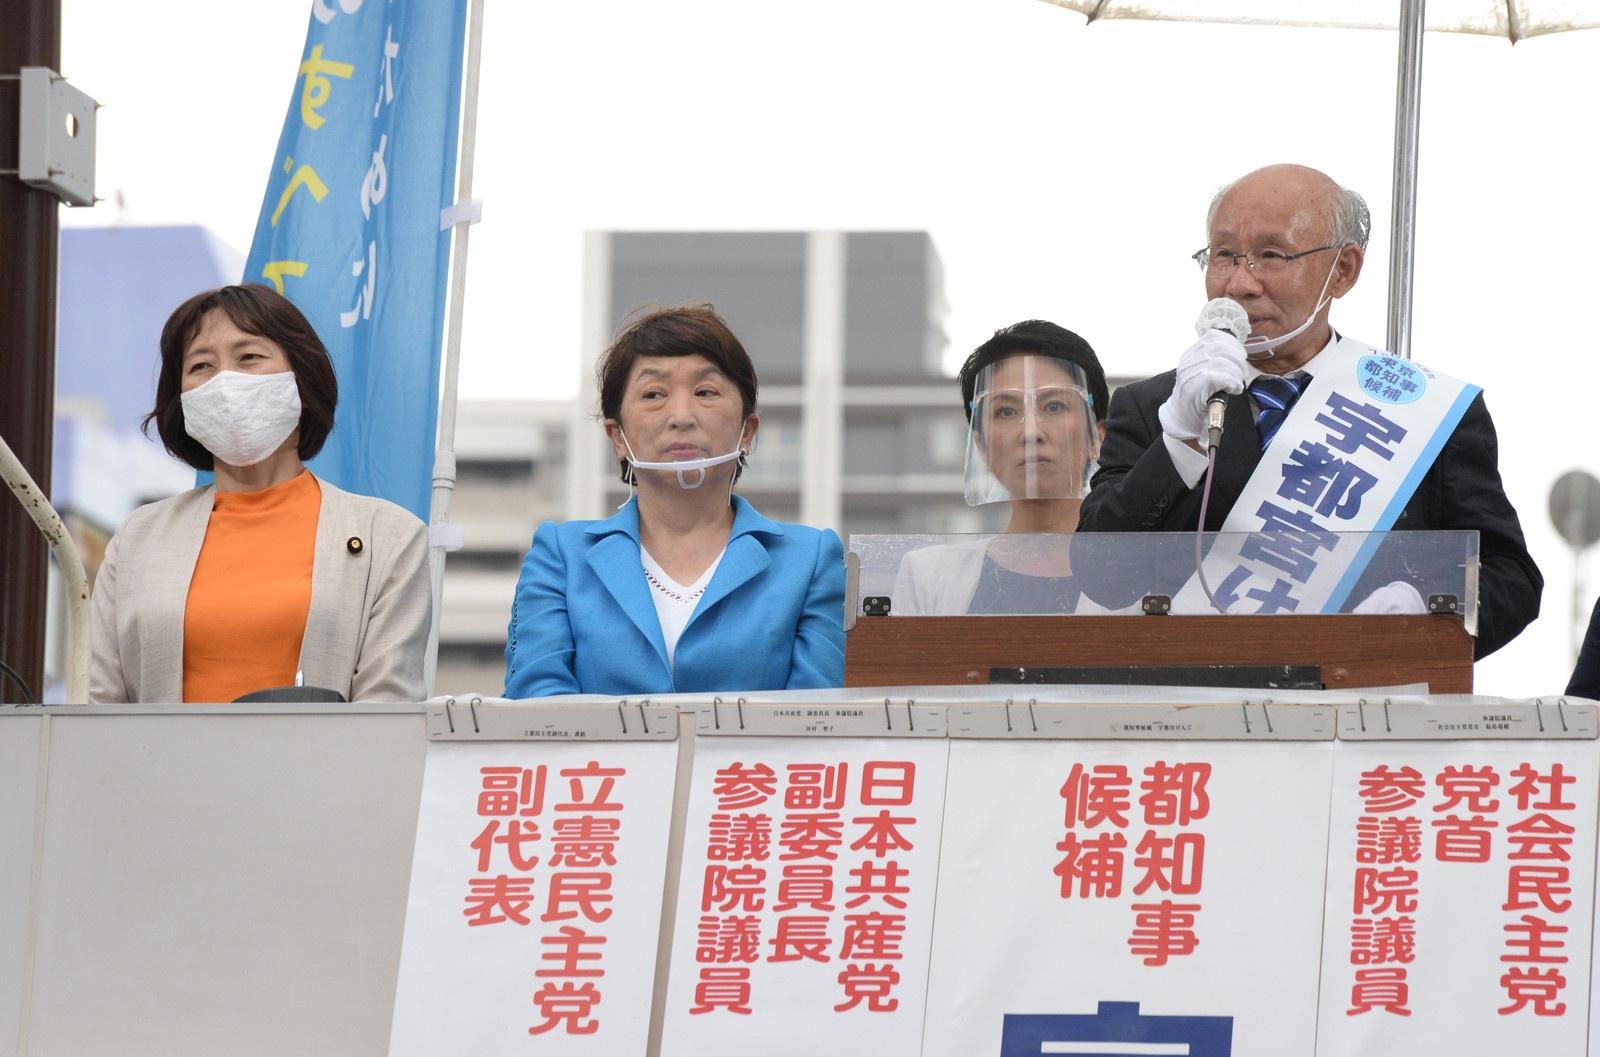 田村、福島、蓮舫の各氏とともに訴える宇都宮候補